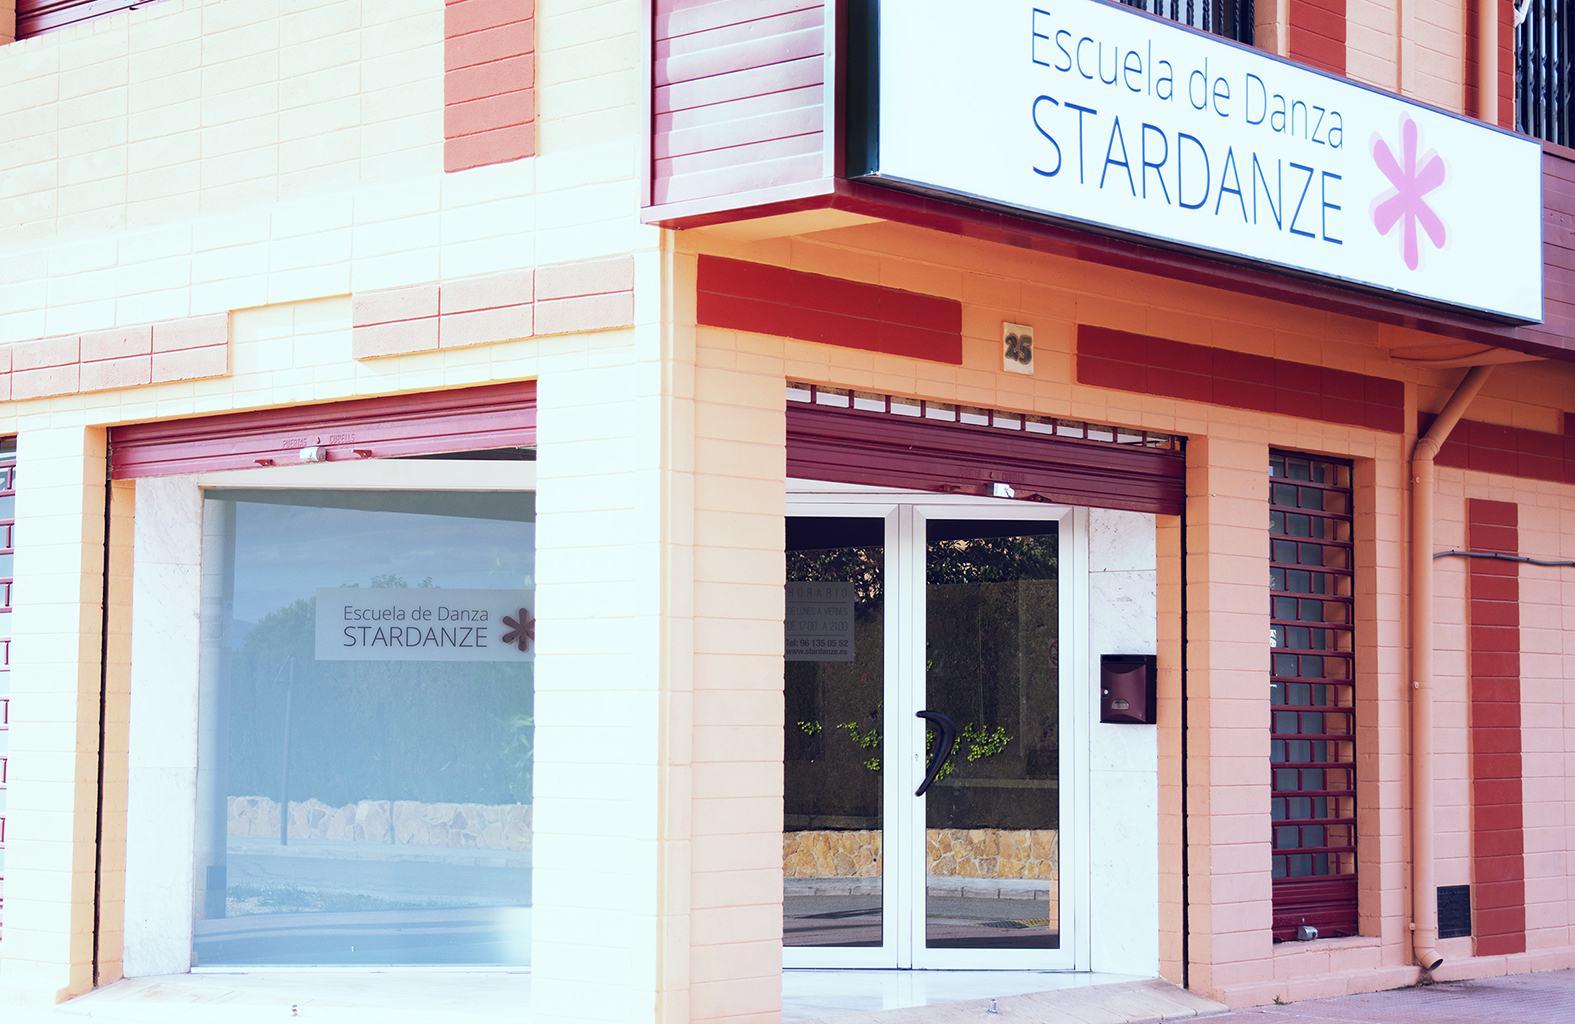 escuela de danza en valencia - stardanze